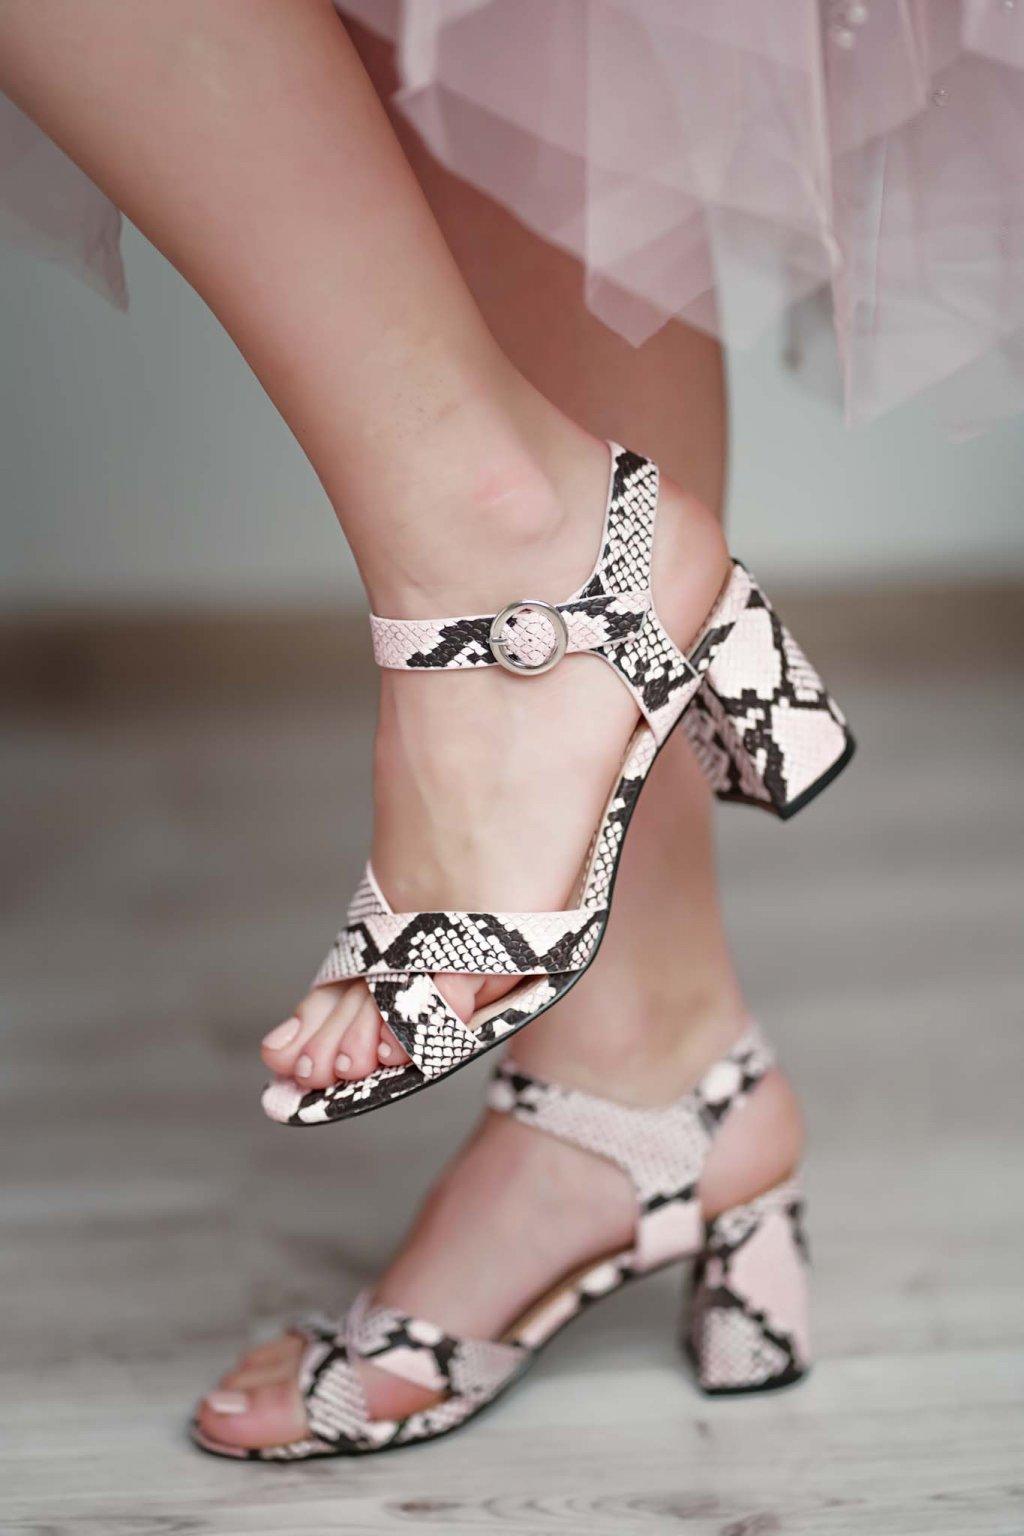 topánky, obuv, tenisky, botasky, lodičky, čižmy, šľapky, sandálky 525